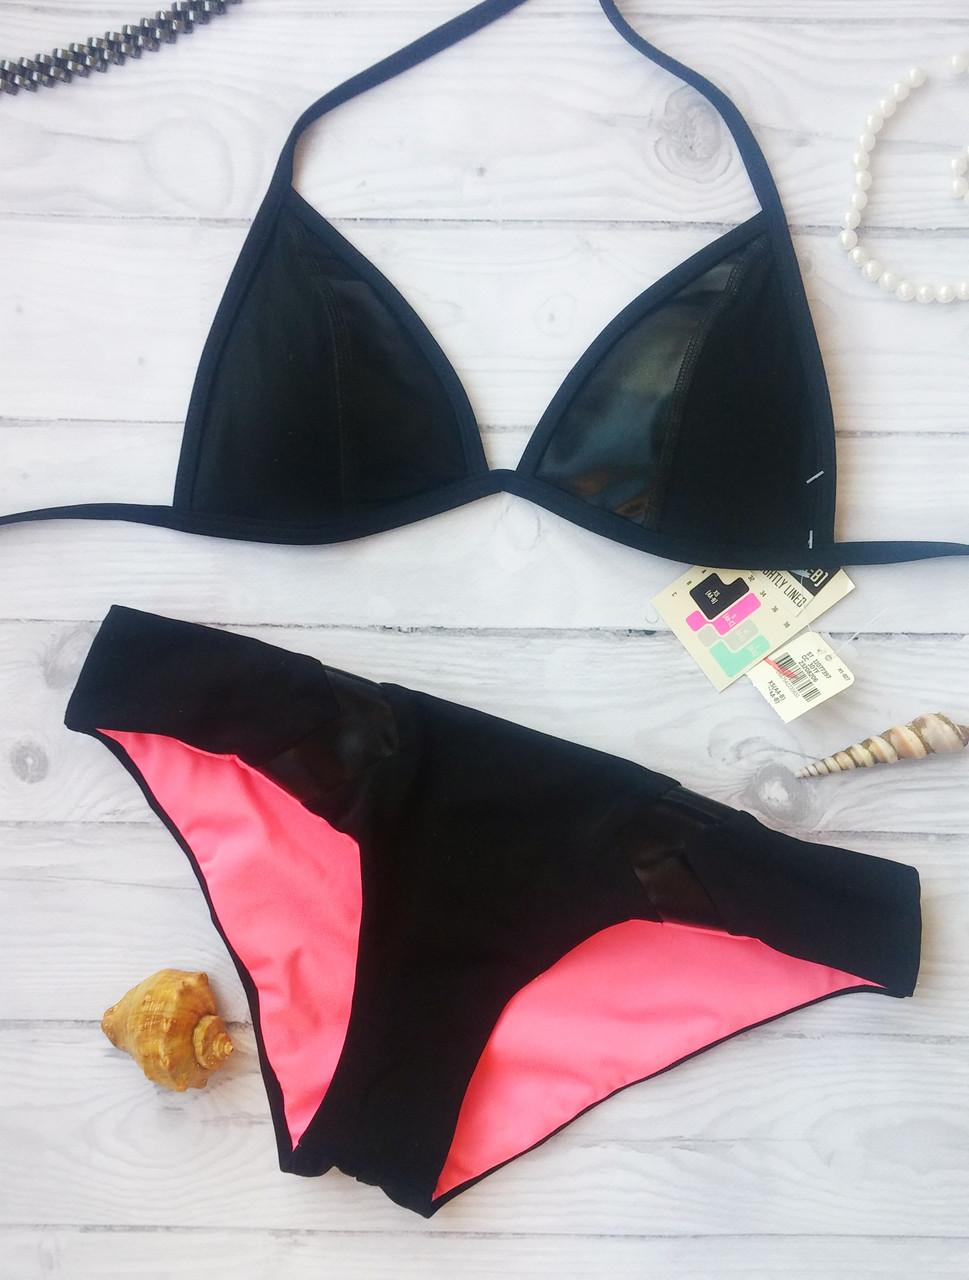 Купальник Раздельный Pink Victoria's Secret размер ХS, Оригинал Виктория Сикрет